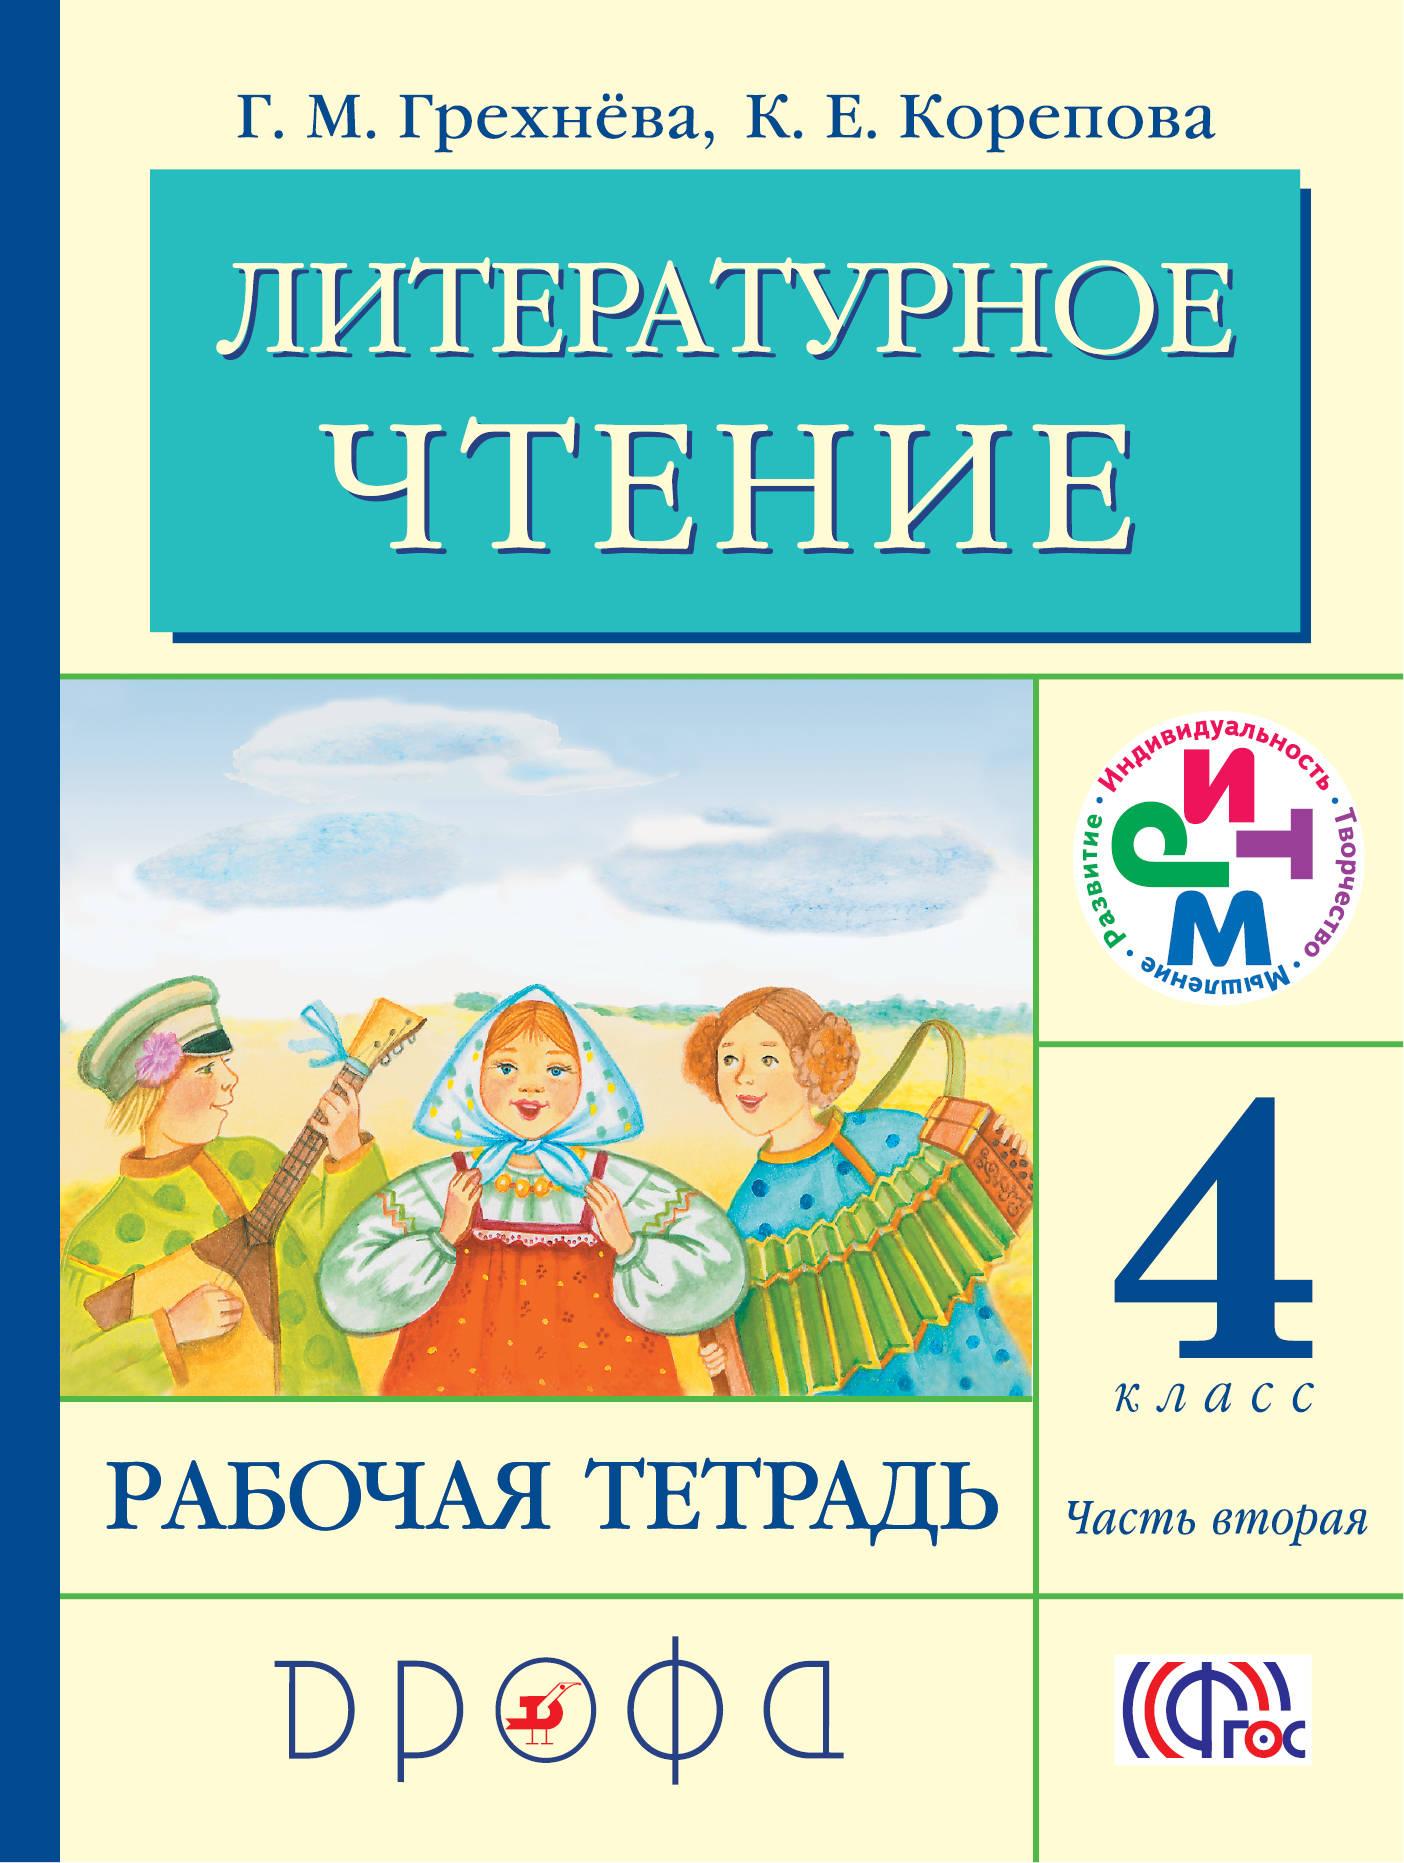 Г. М. Грехнёва, К. Е. Корепова Литературное чтение. 4 класс. Рабочая тетрадь. В 2 частях. Часть 2